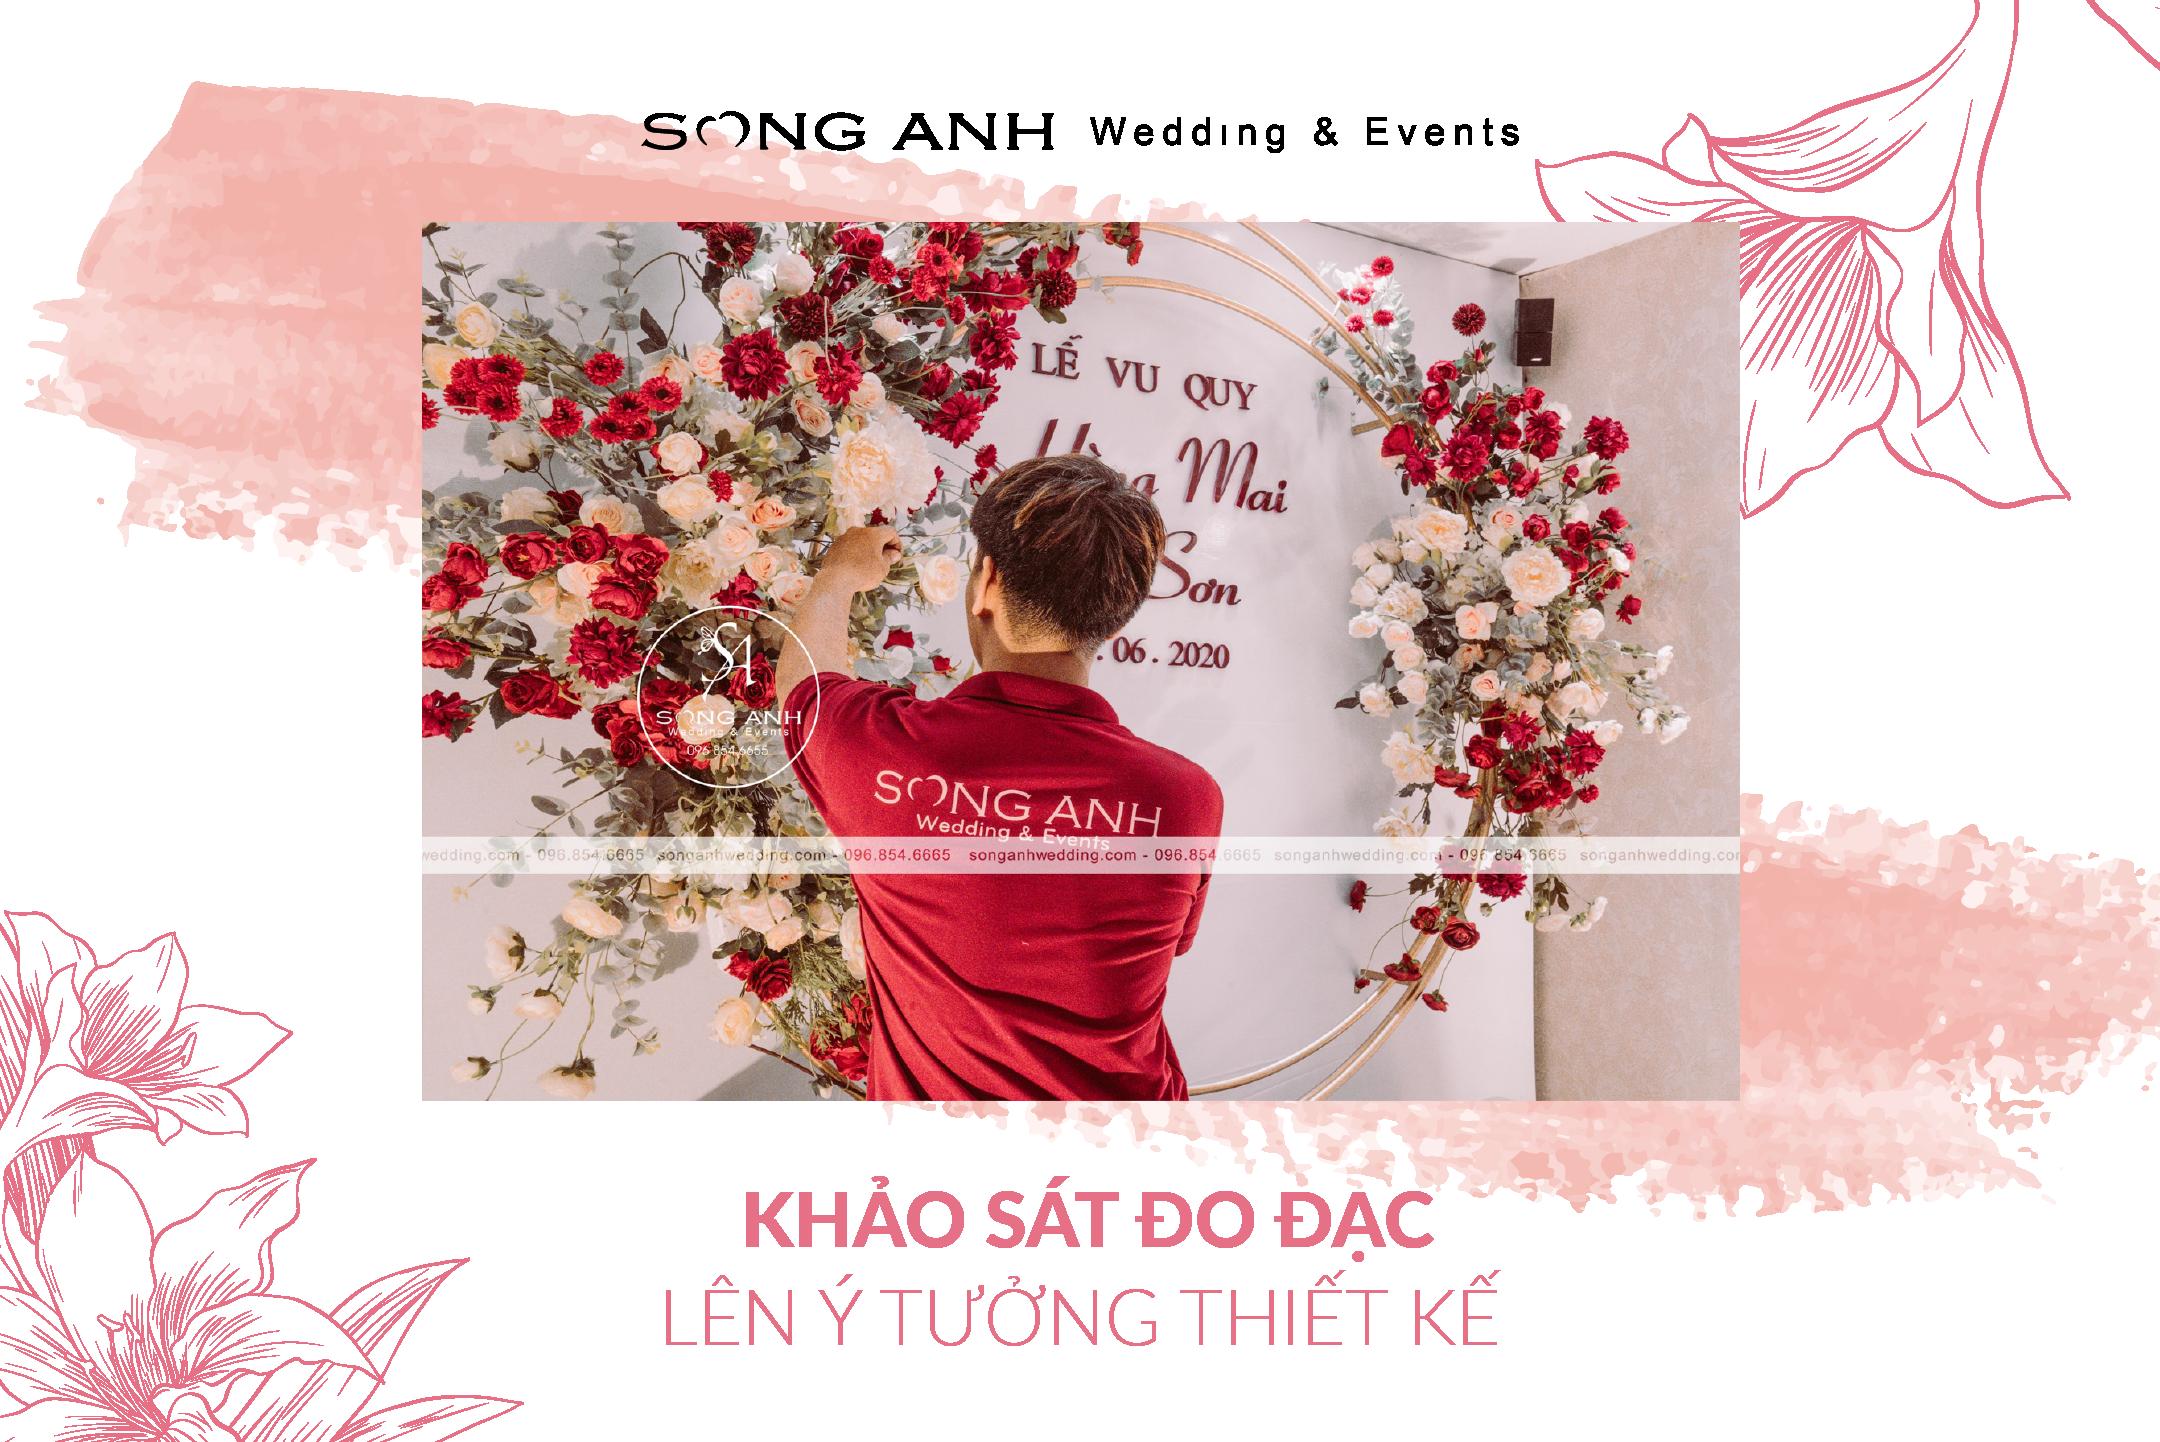 Đội ngũ sản xuất và thiết kế của Song Anh làm việc chuẩn xác và đầu tư chất xám cho ý tưởng thiết kế